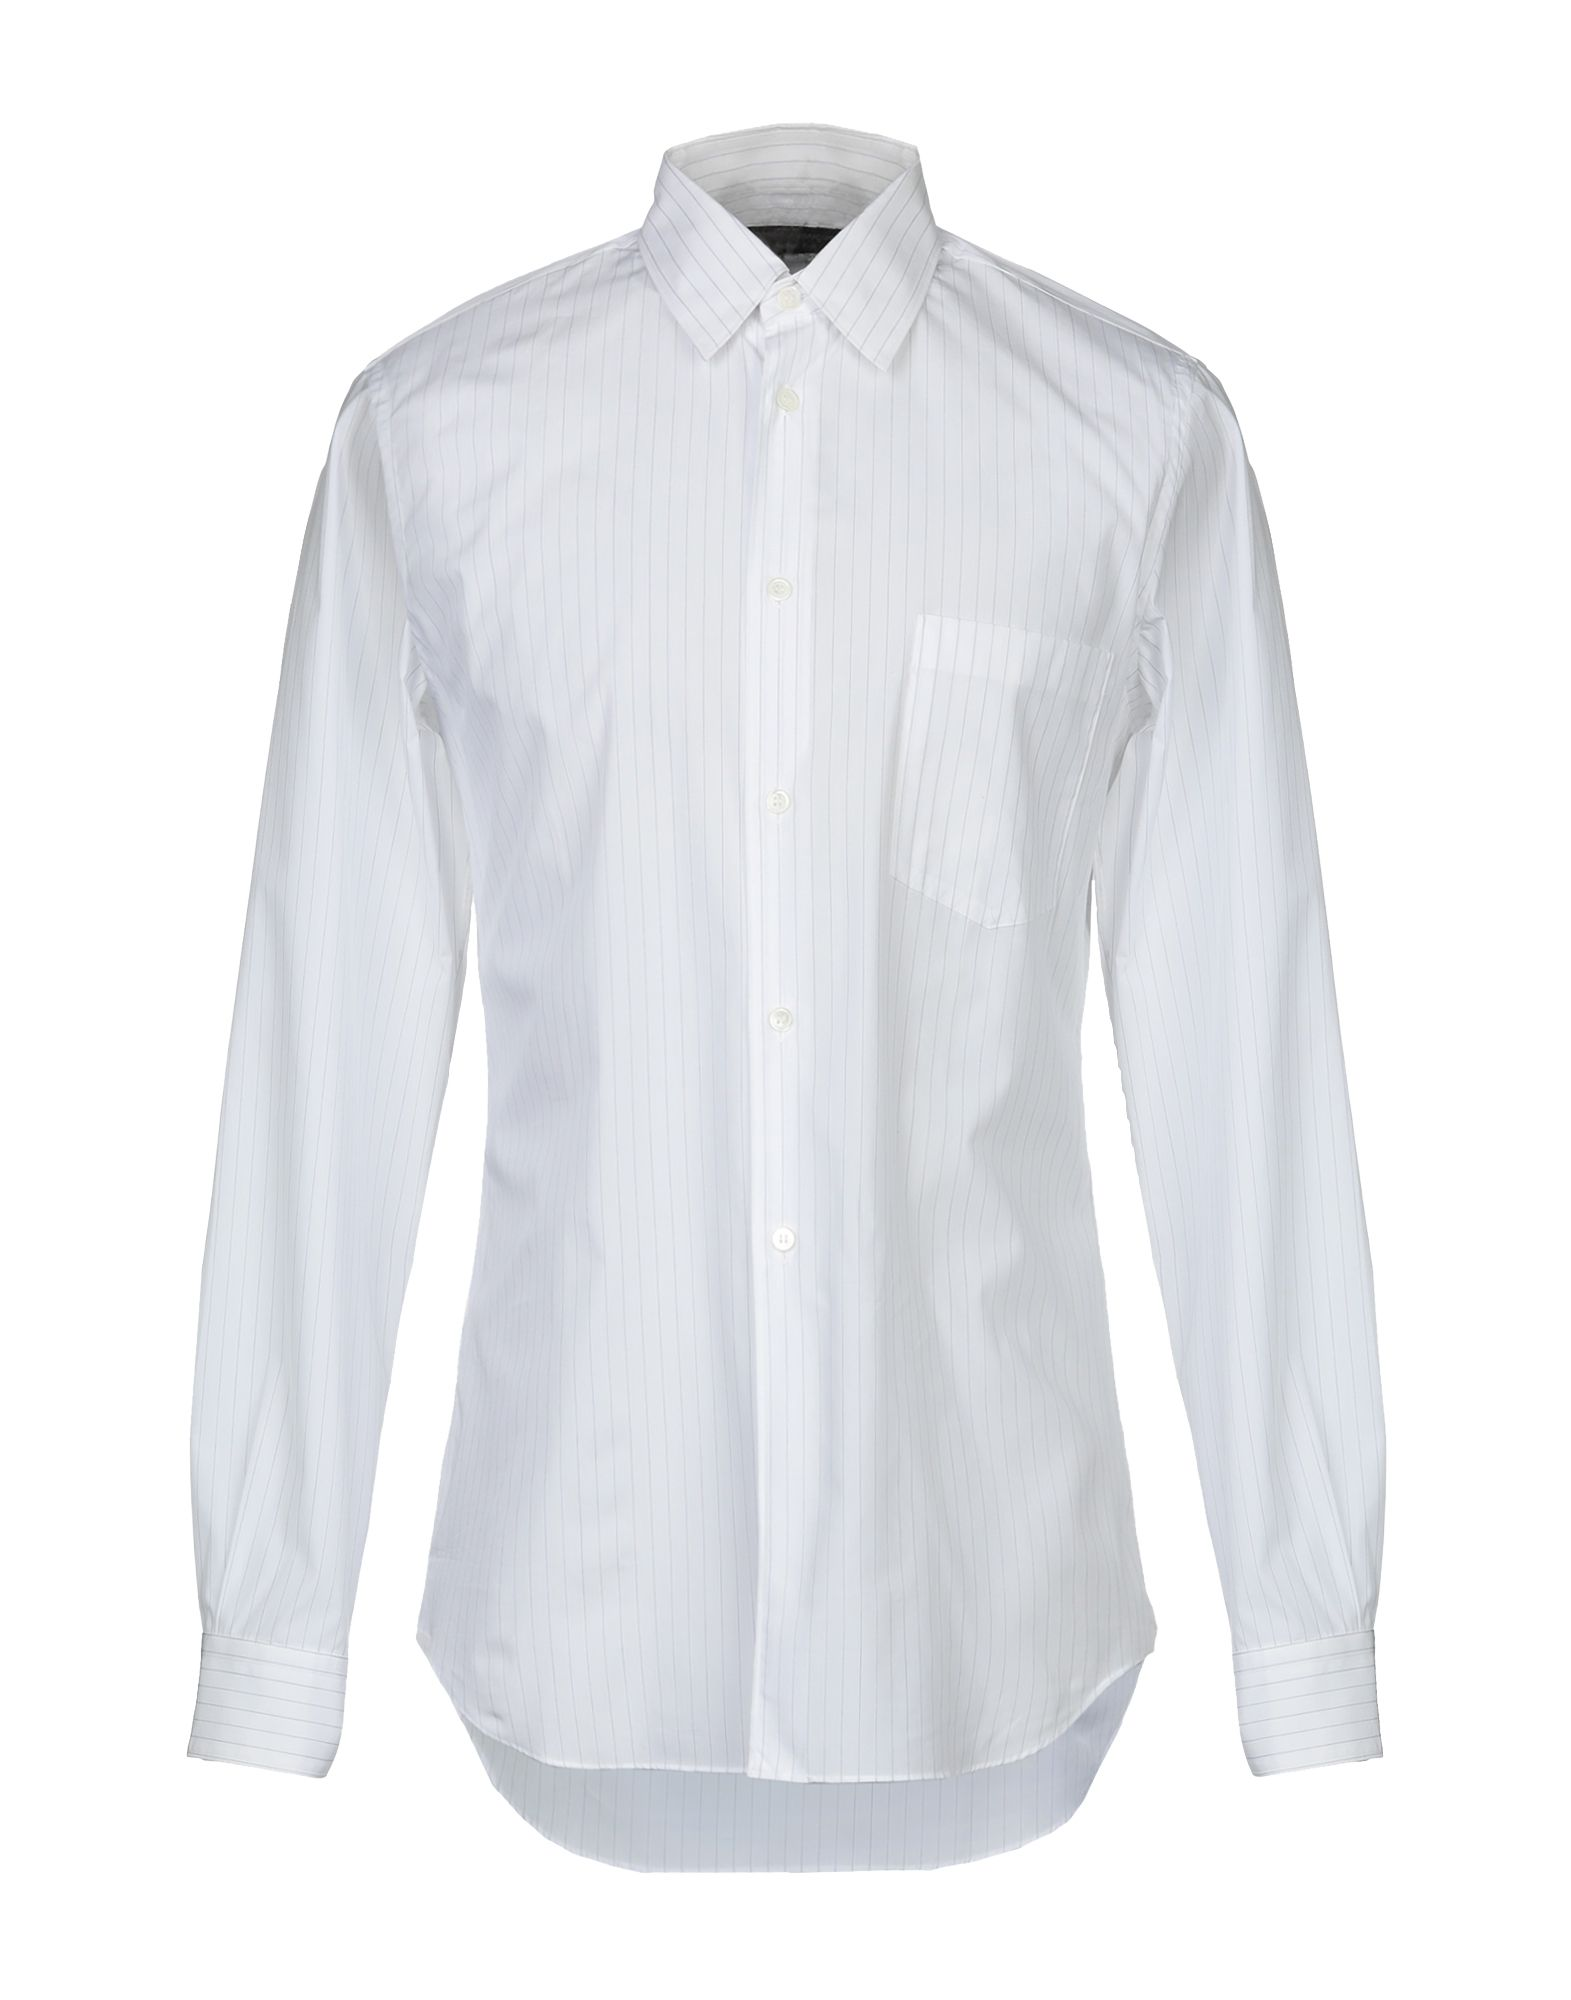 COMME des GARÇONS HOMME PLUS Pубашка comme des garçons homme plus джинсовая верхняя одежда